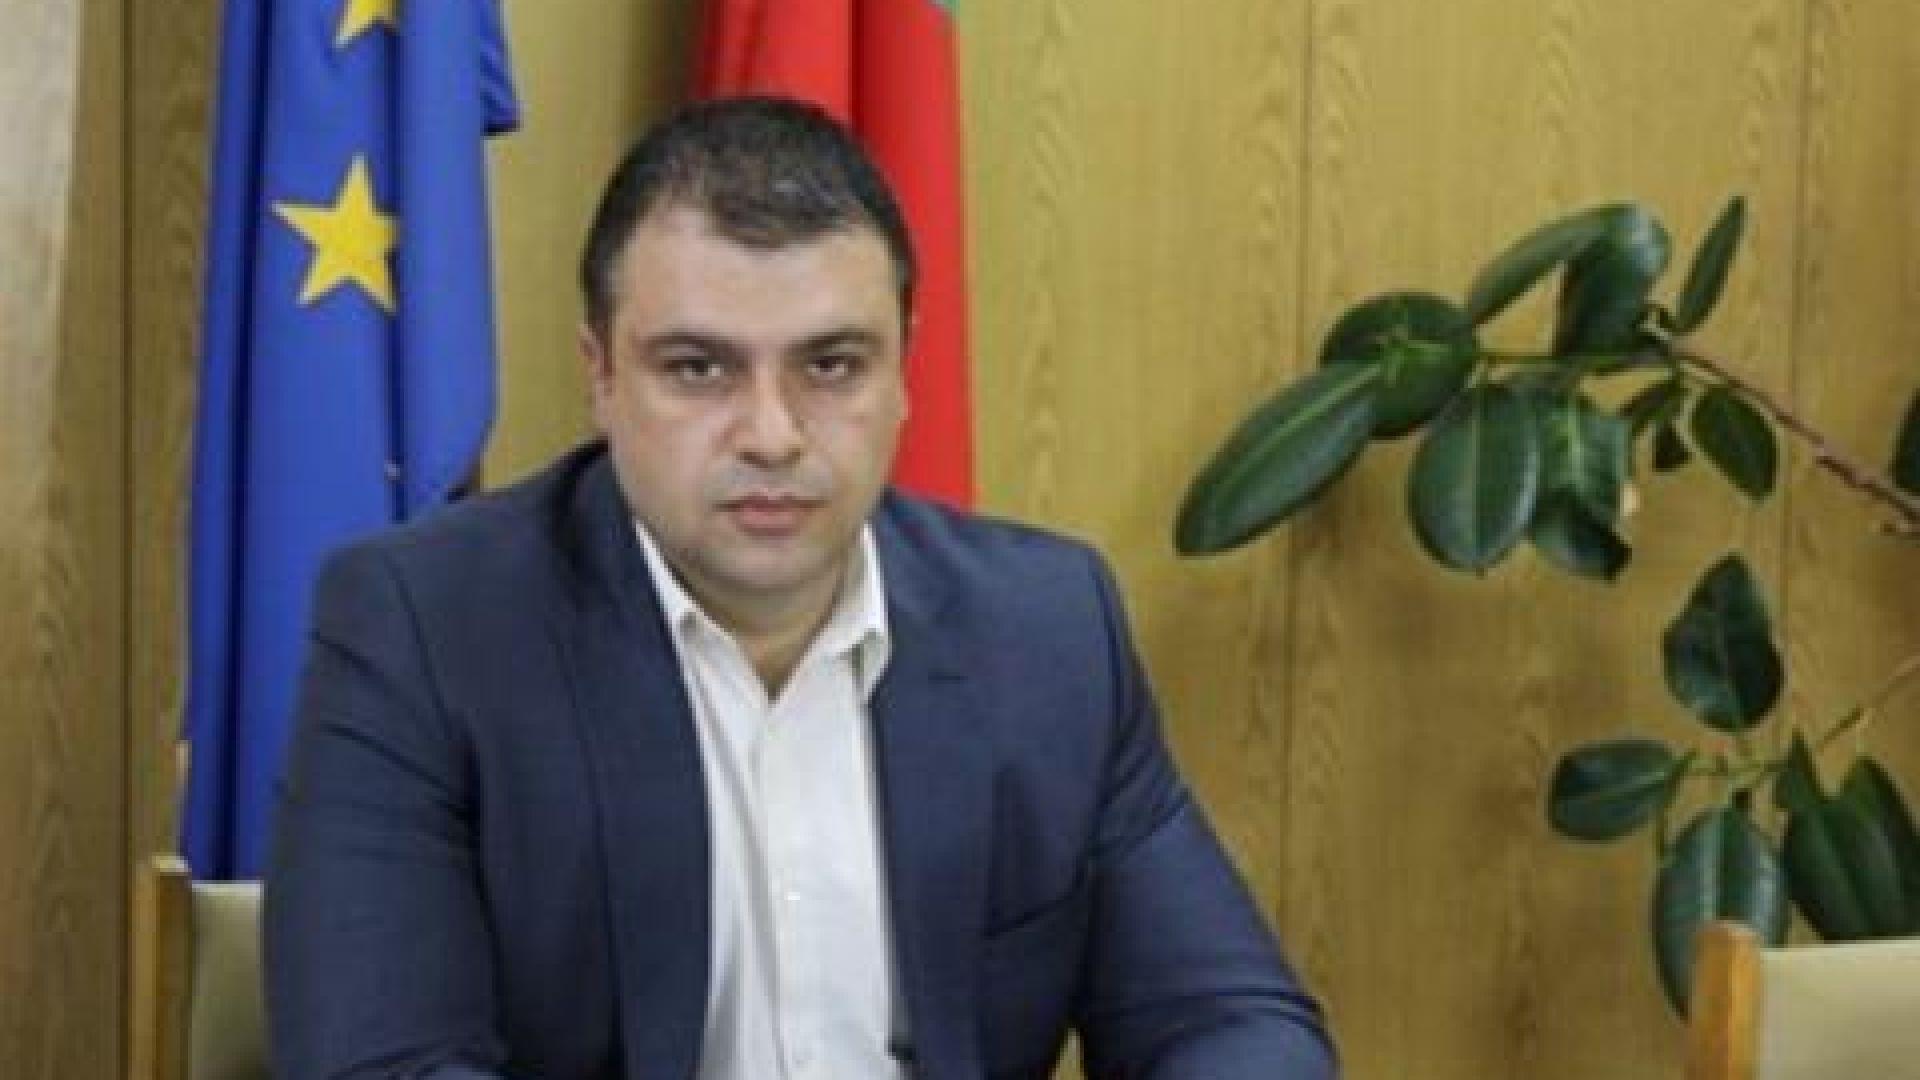 Възстановиха на работа бившия шеф на пловдивската полиция Йордан Рогачев